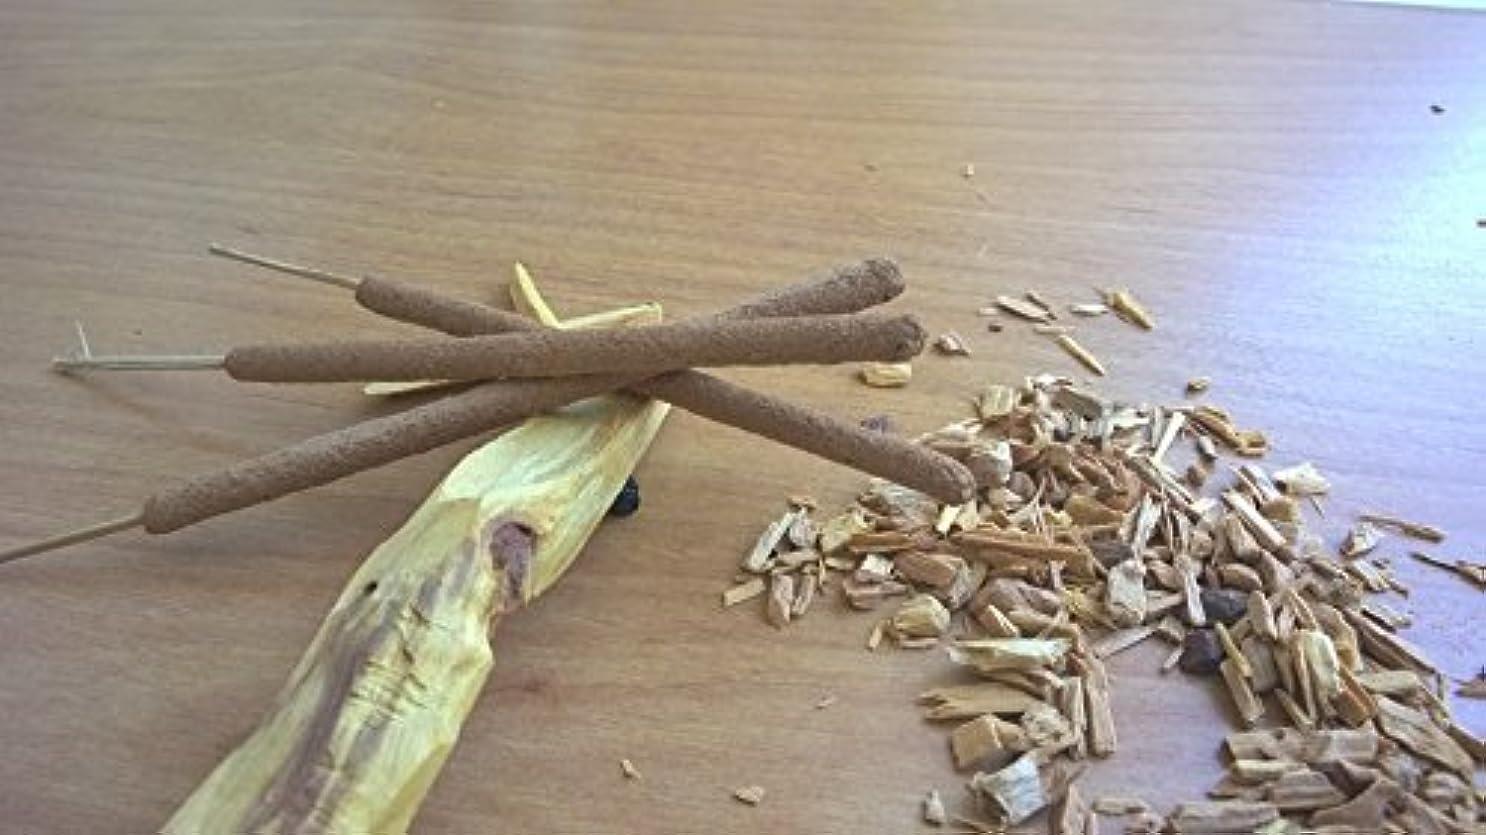 とにかく突撃憤るPalo Santo Incense Sticks - 12 Pieces - All Natural Hand Rolled Herbal Incense [並行輸入品]